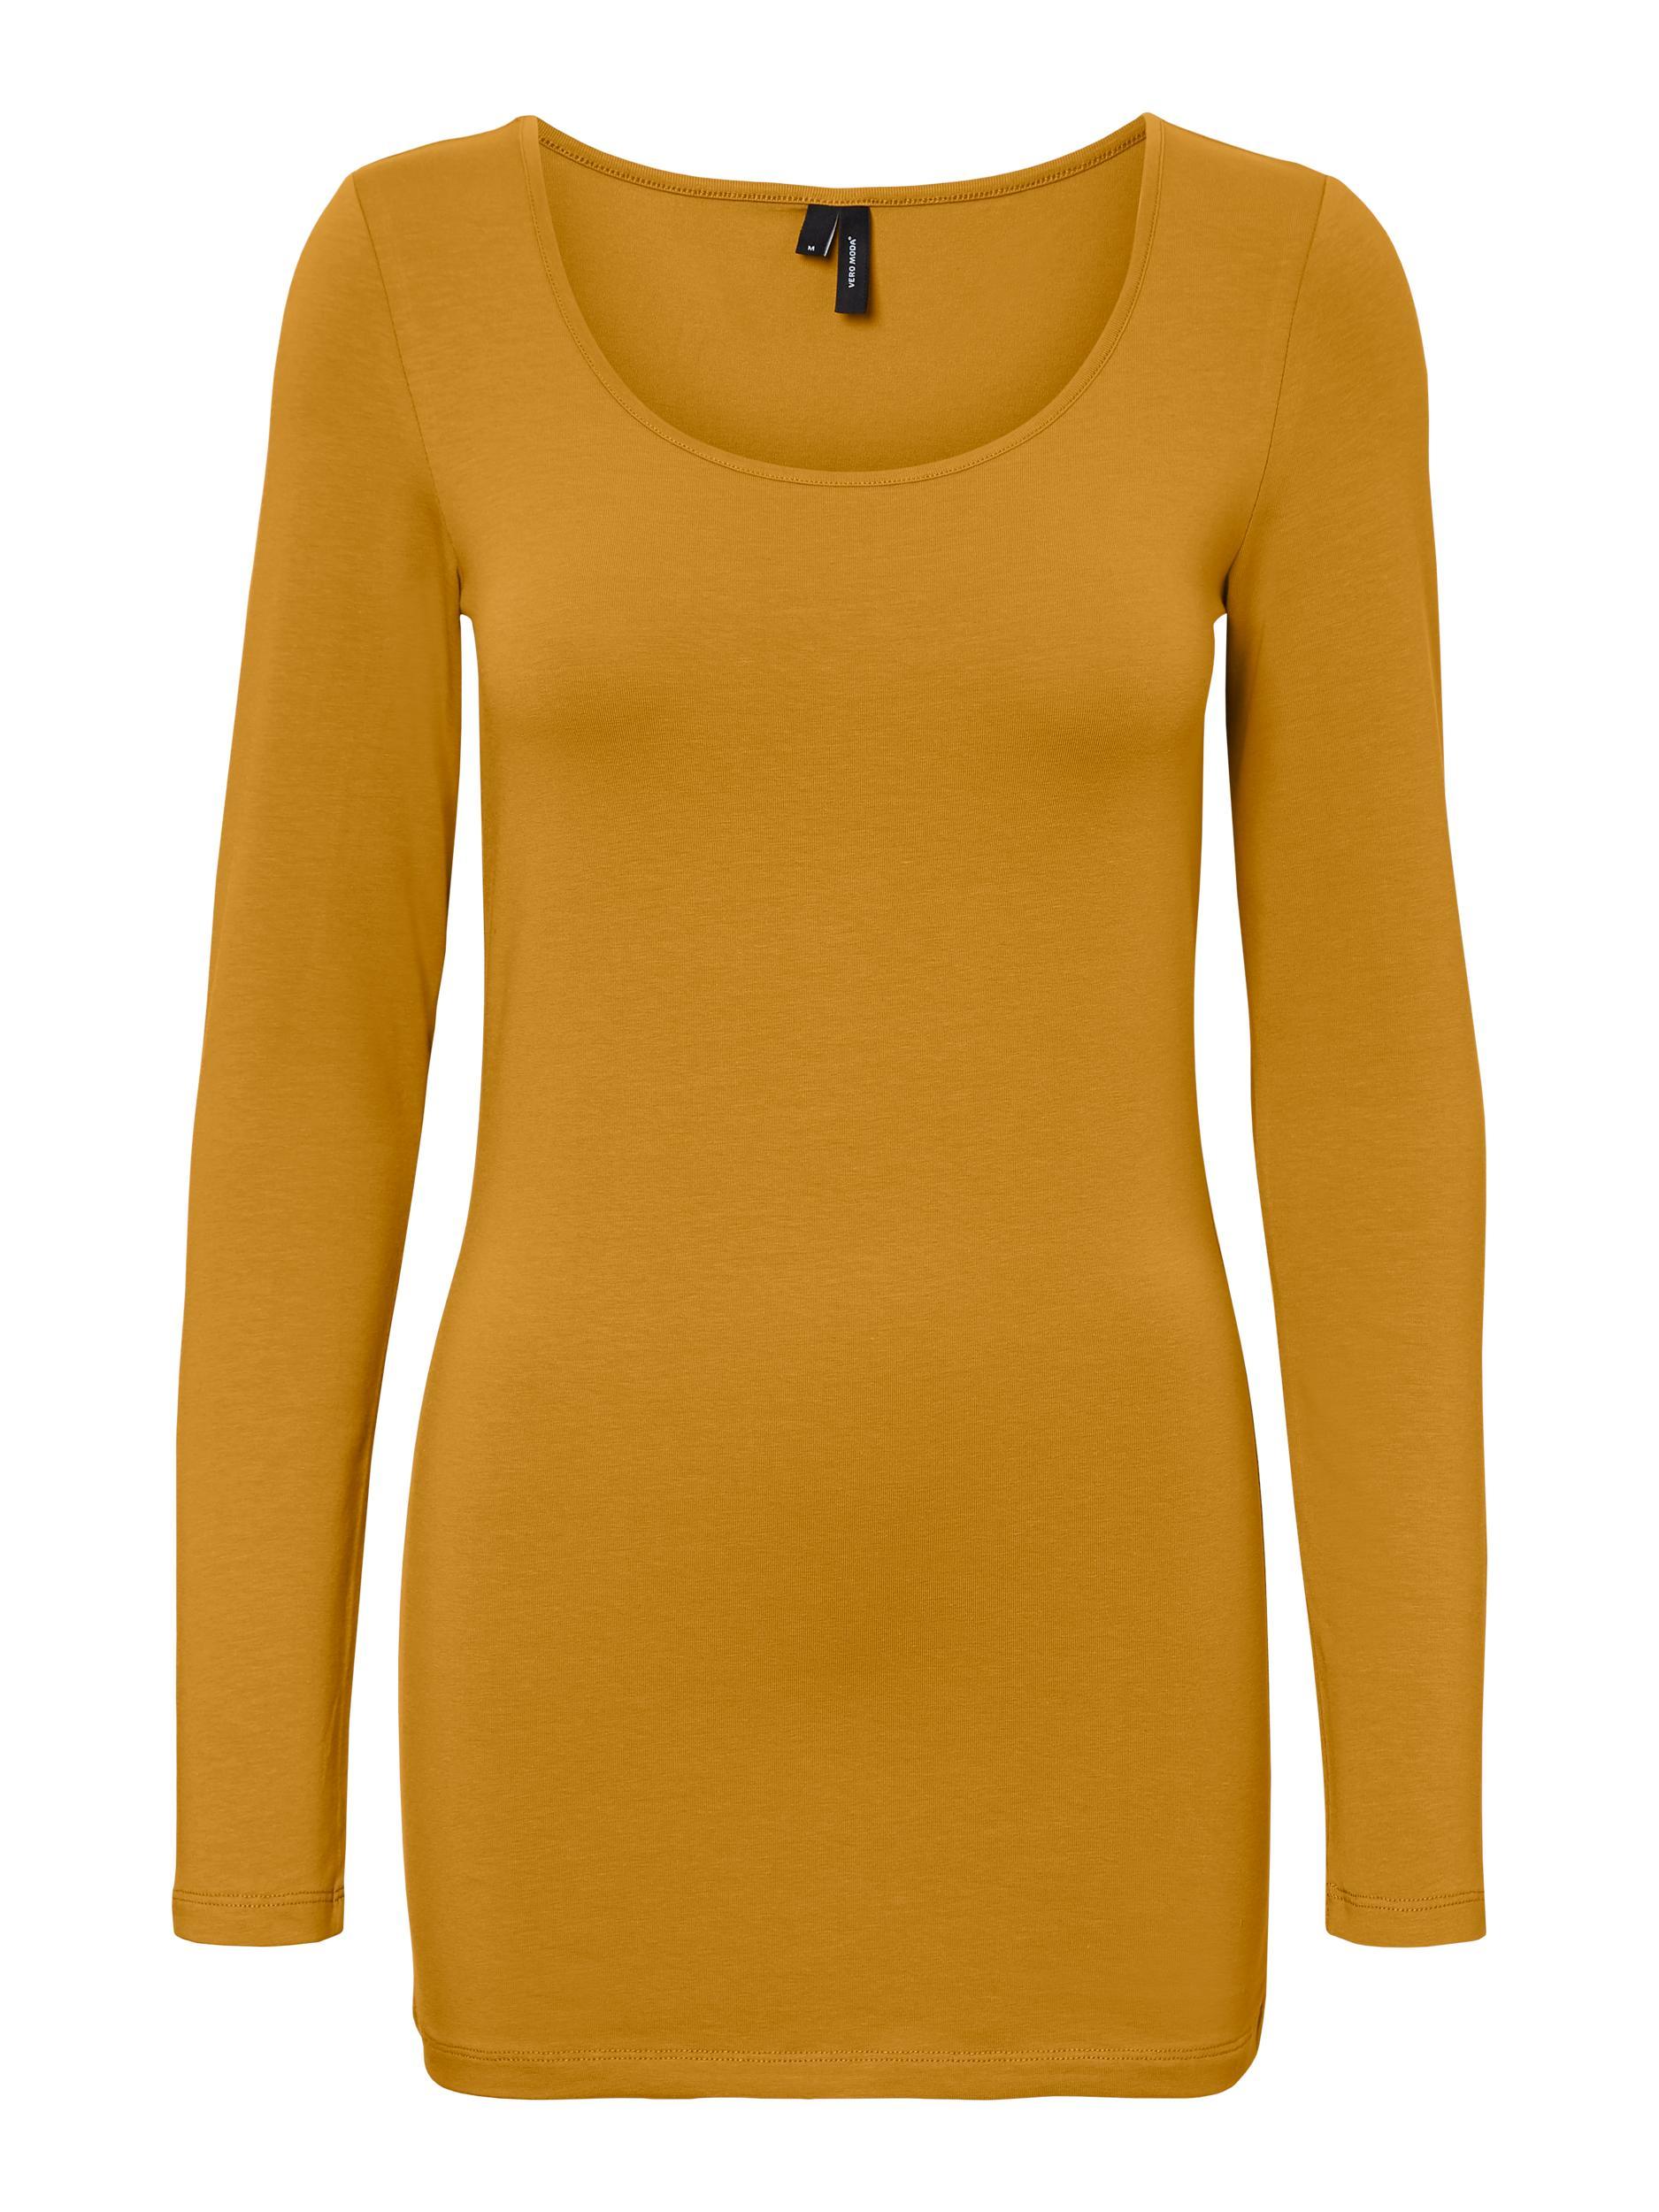 Vero Moda dámské prodloužené triko Maxi dlouhý rukáv hořčicové